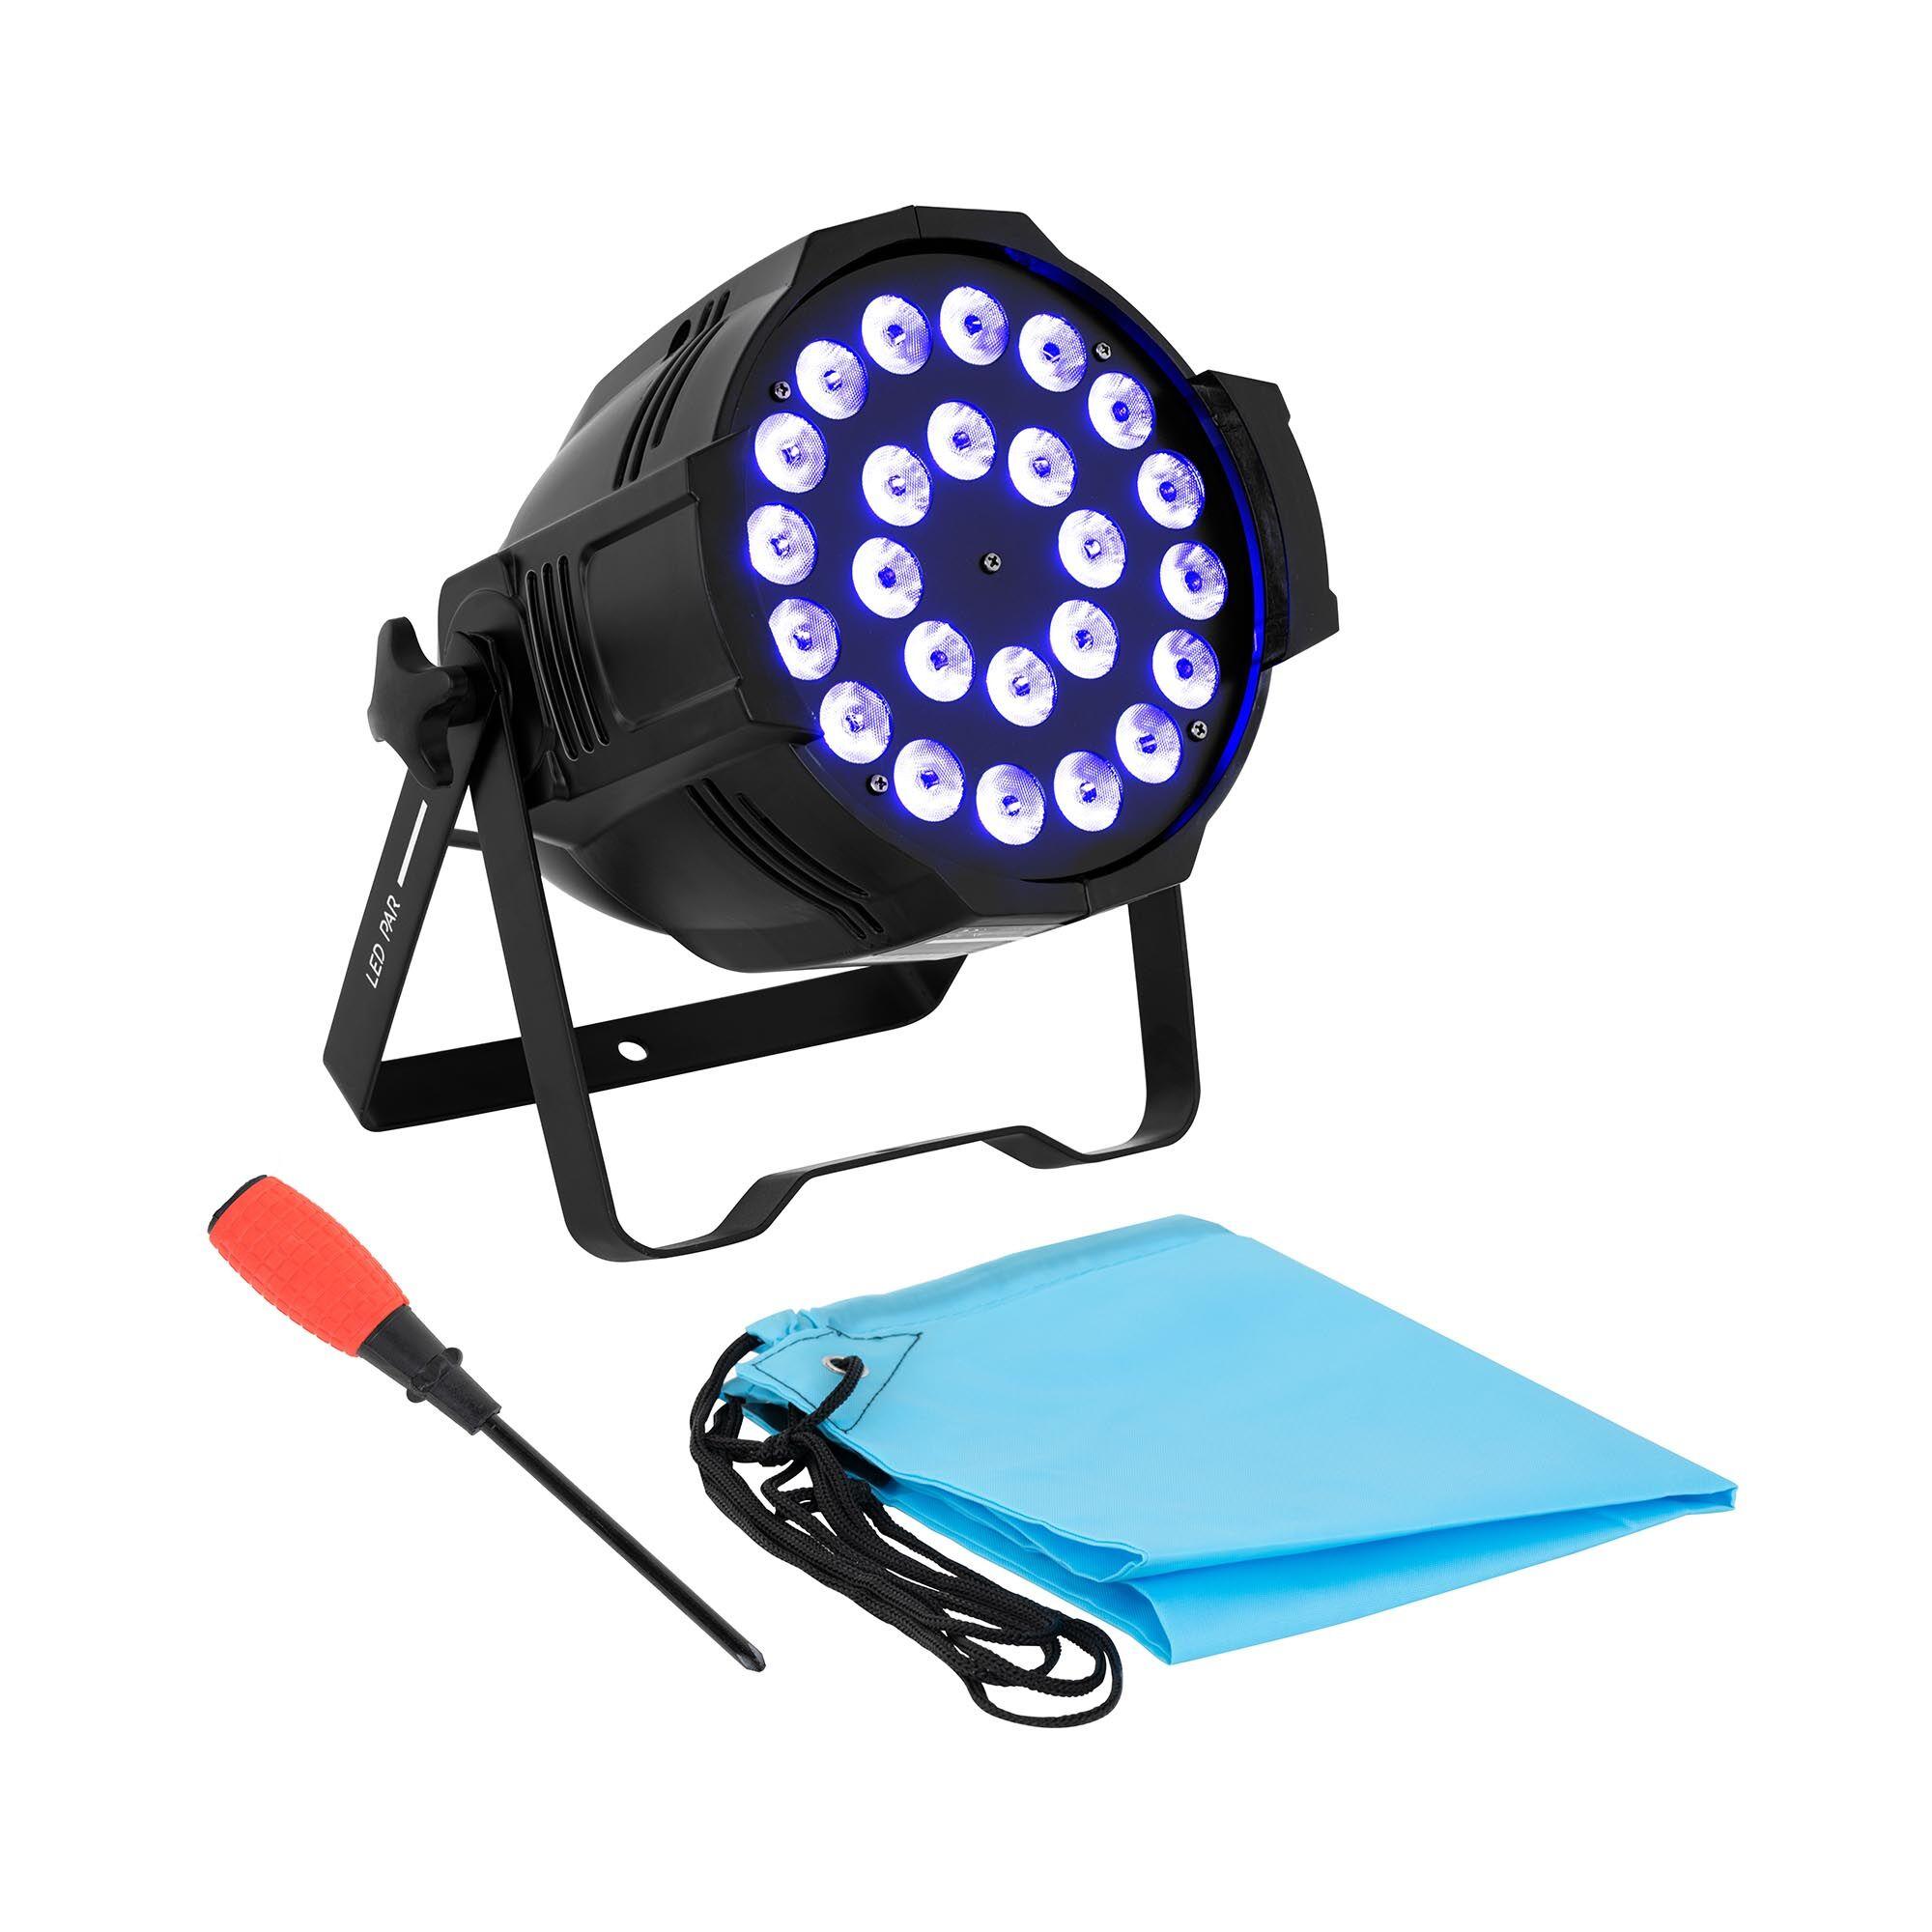 Singercon Projecteur PAR - 24 LED - 250 W CON.LP-24/10/RGBWA